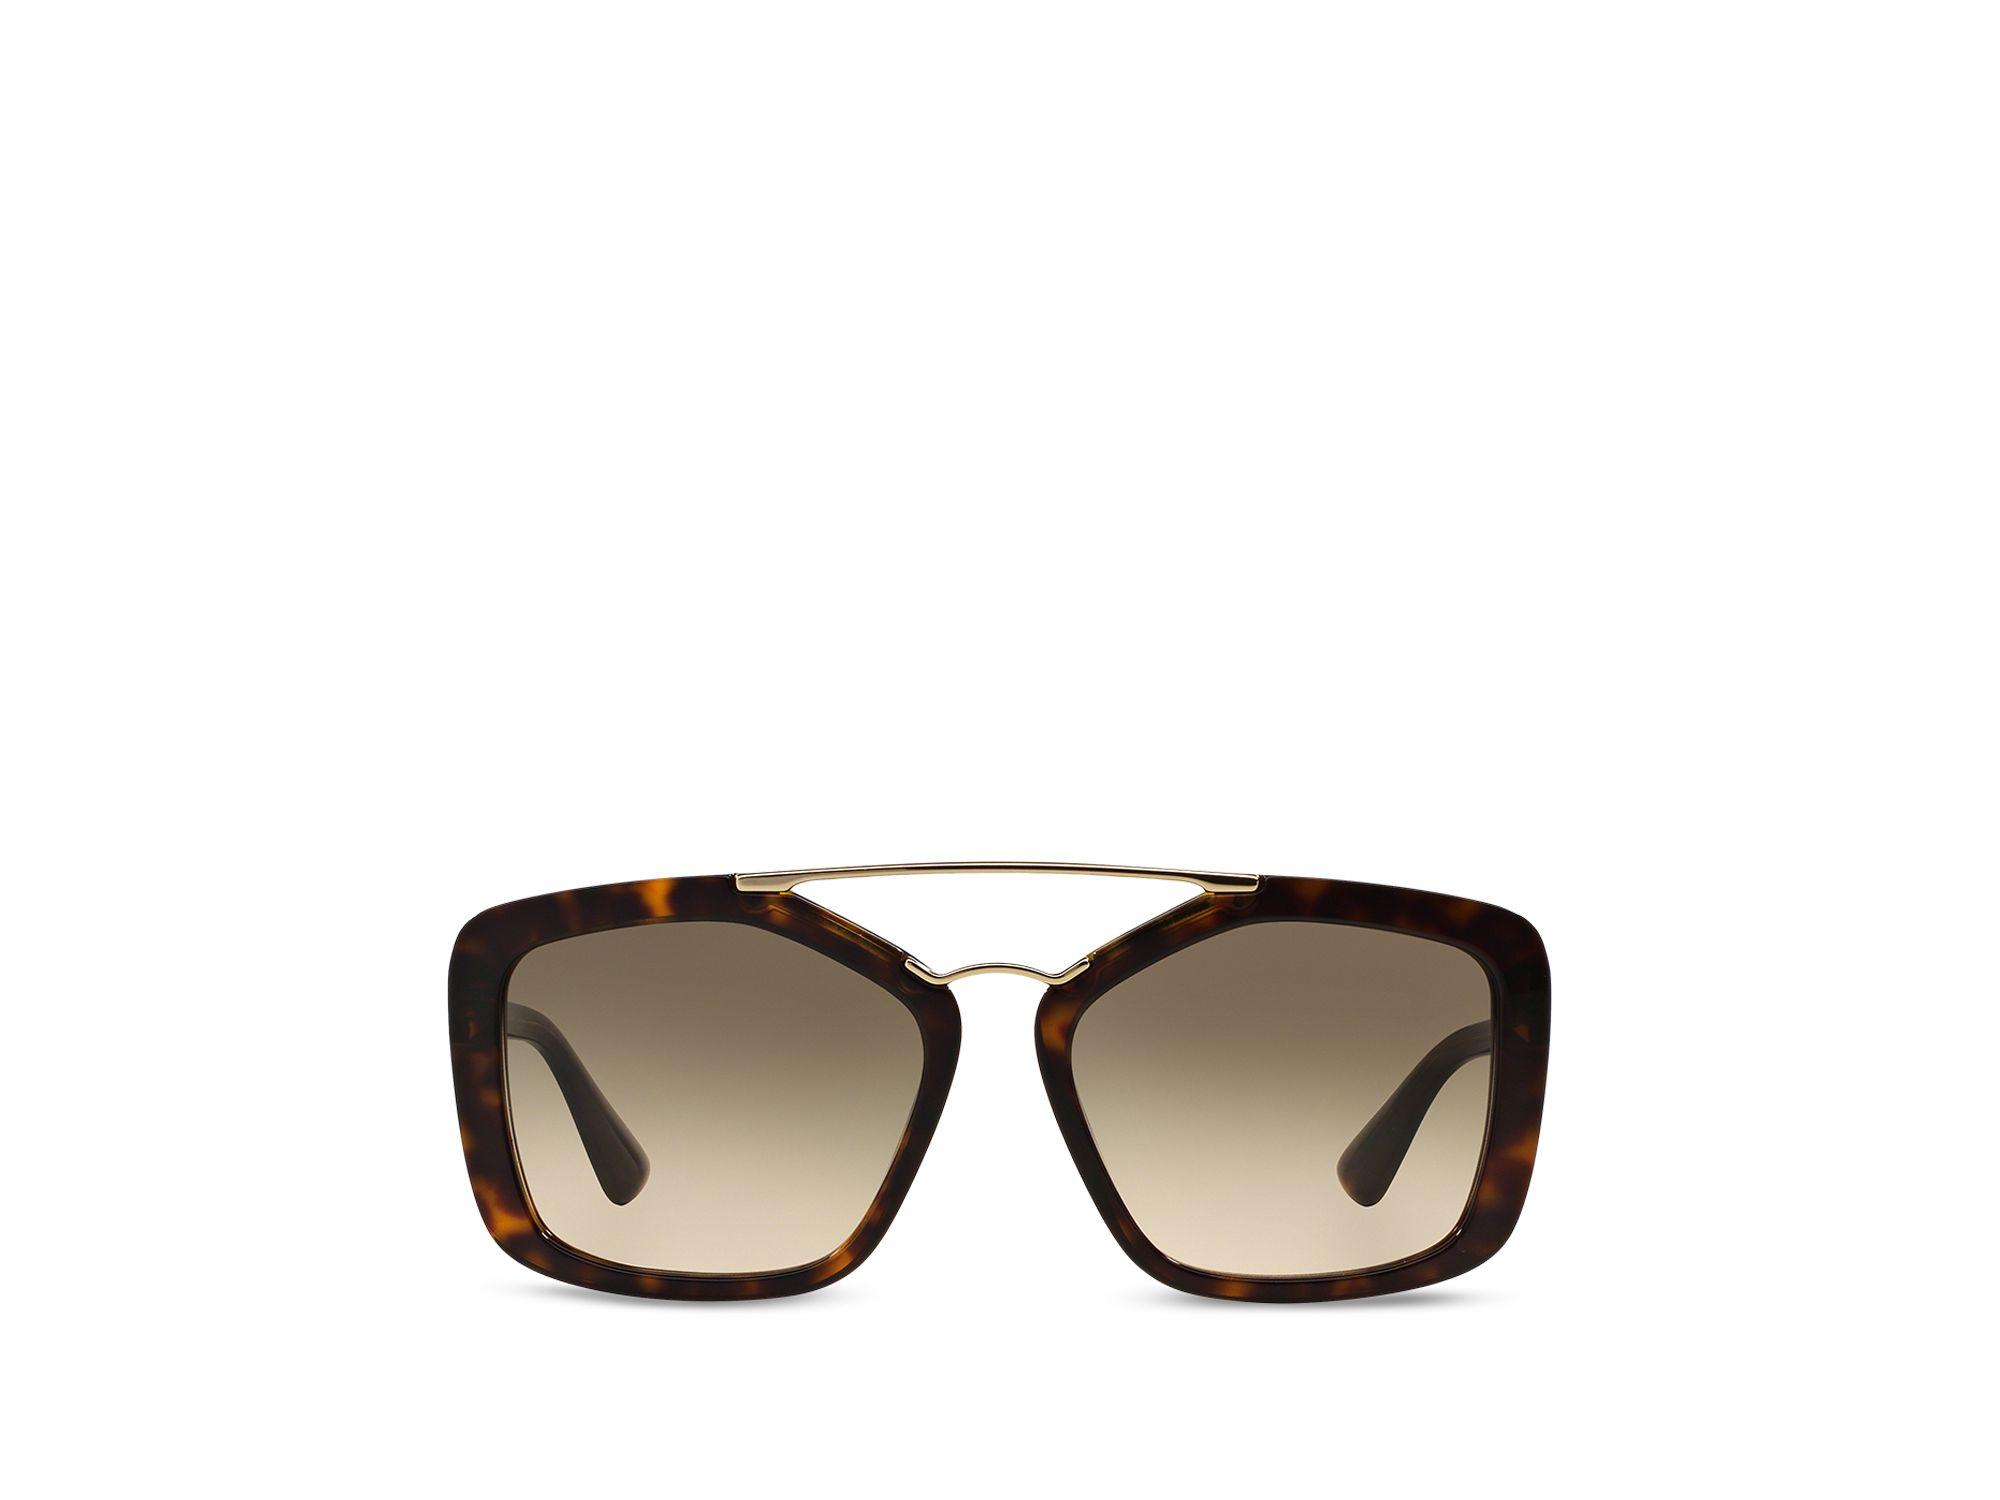 08ce8ae0bd26 ... canada prada catwalk round aviator sunglasses 1a967 0ccbb